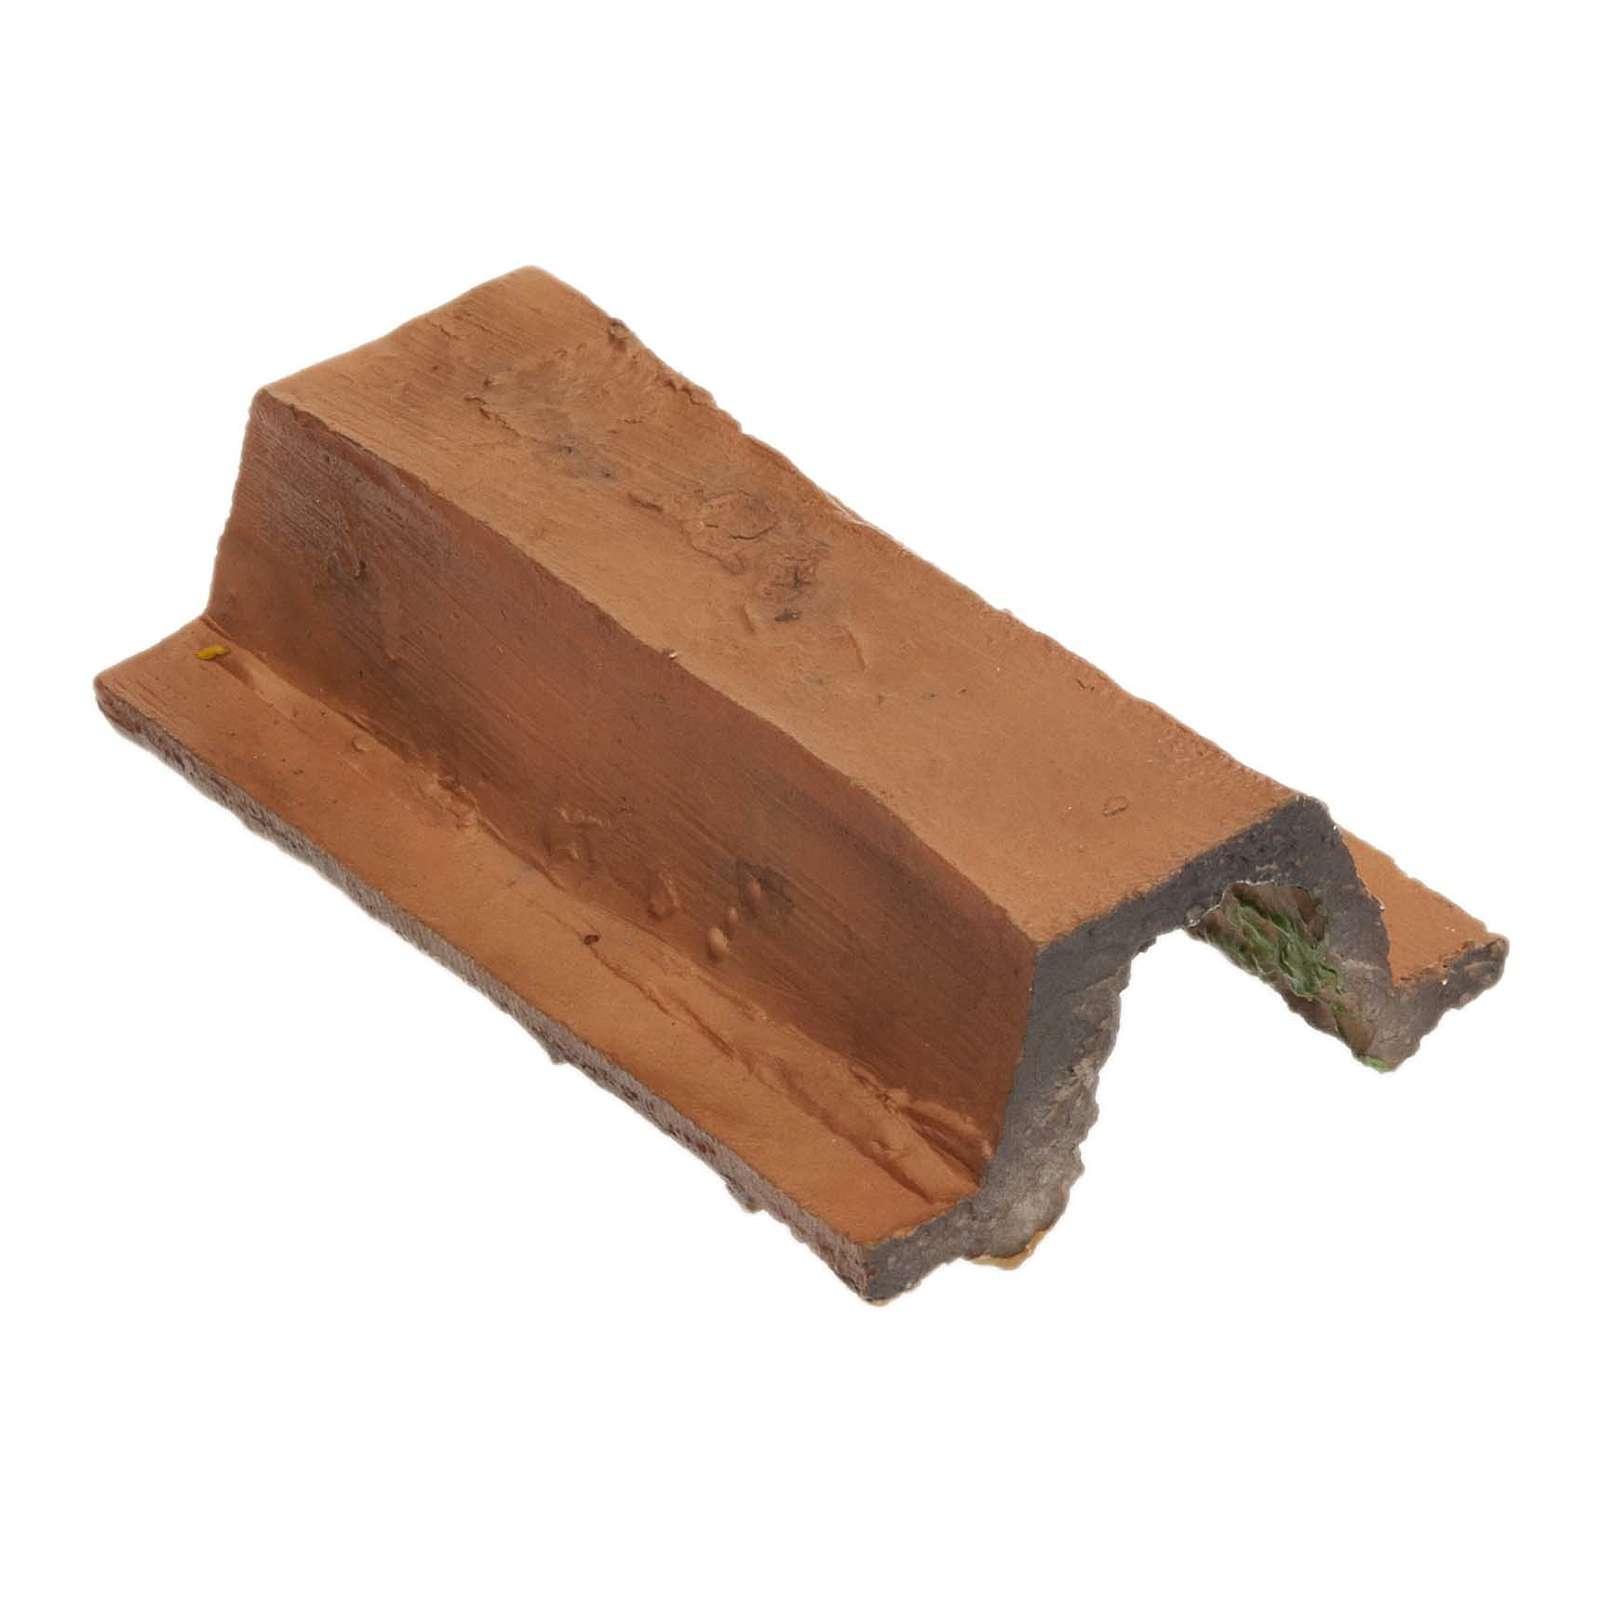 Ruscello presepe 10,5x3x2,5 cm 4